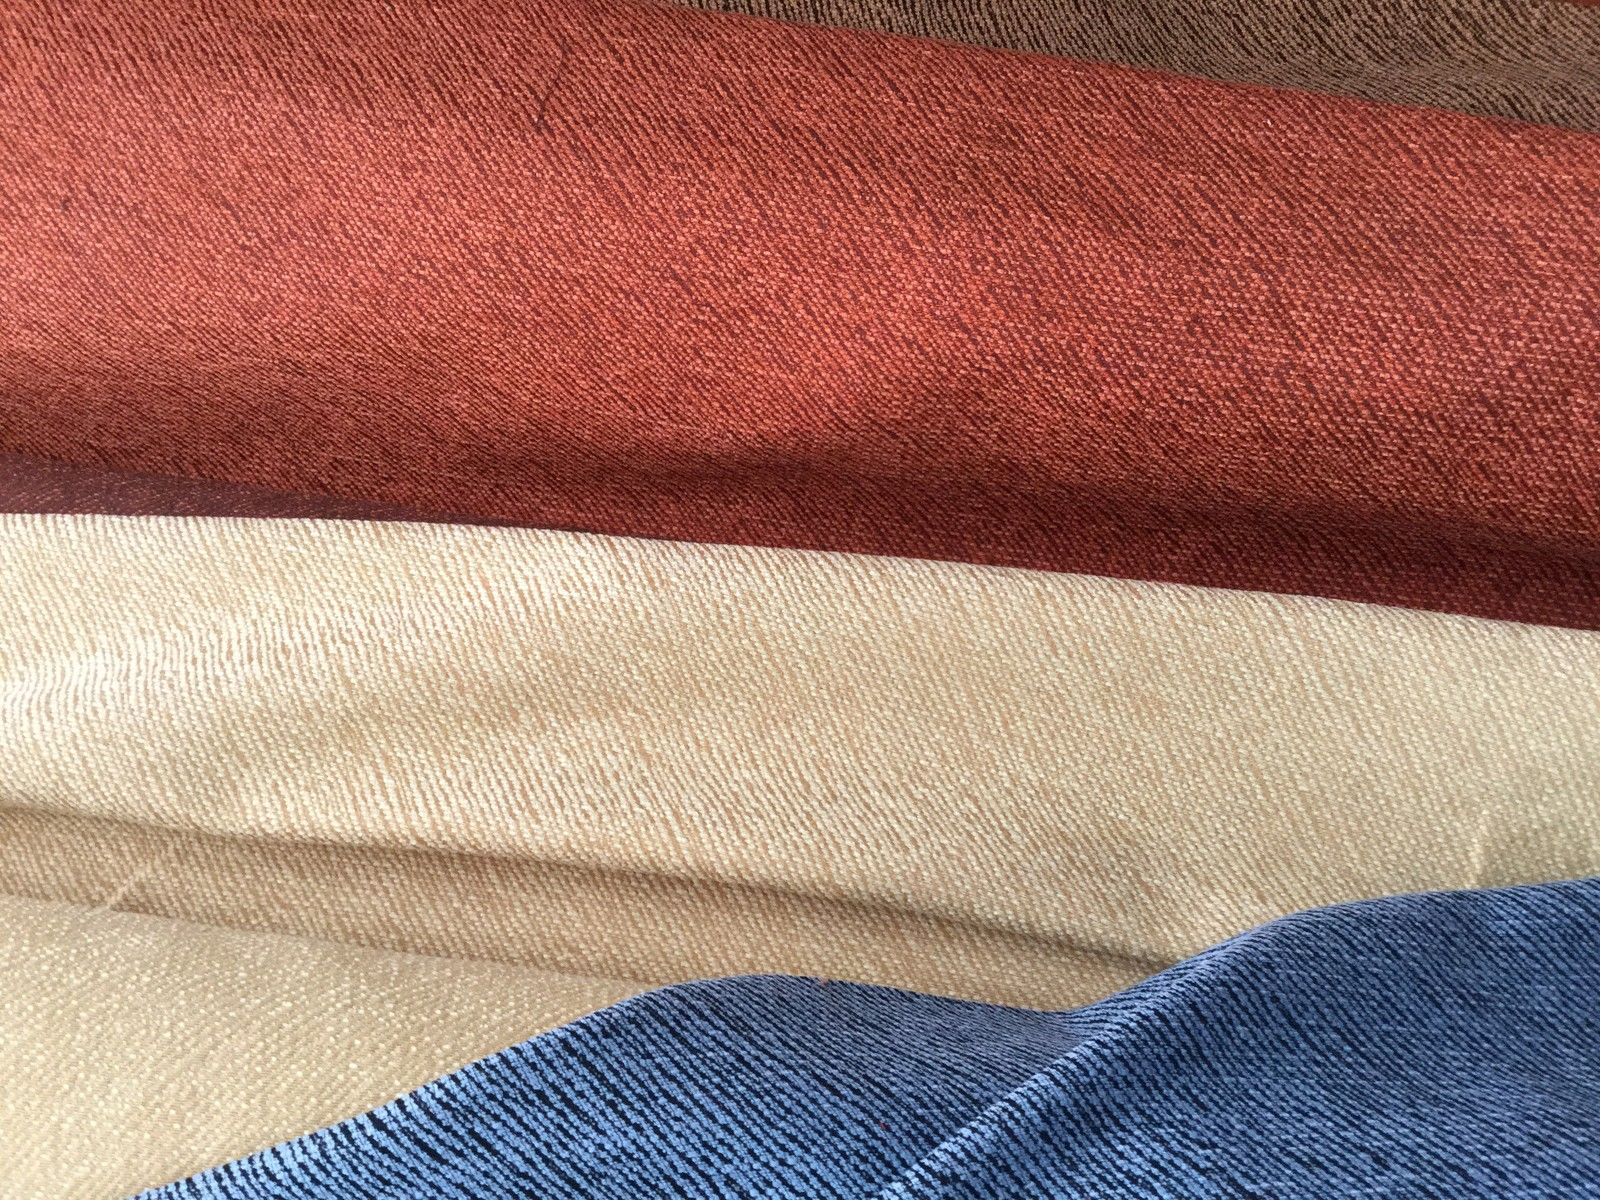 Tessuti Arredamento Per Divani dettagli su stock tessuti tappezzeria tessuto arredamento, tappezzeria  rivestimemto divani